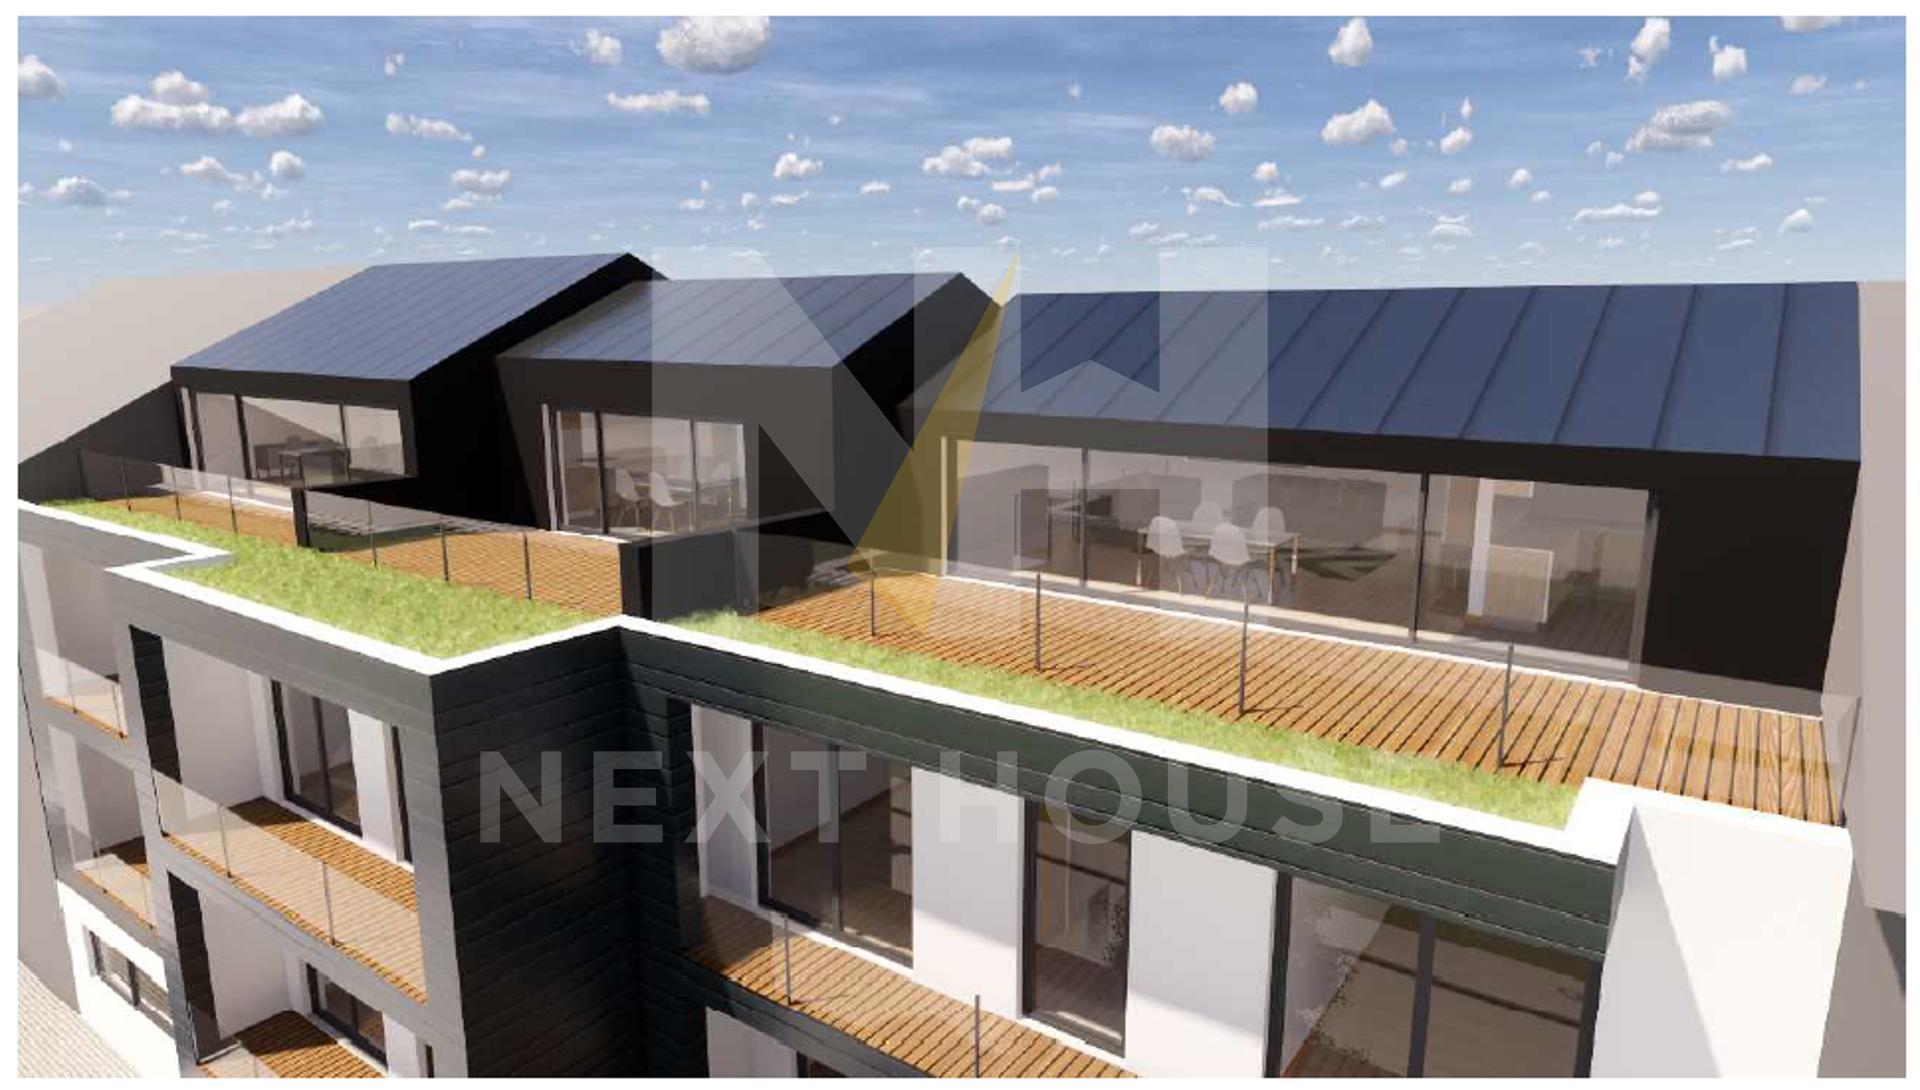 Investimento  Construção em Altura  - Ílhavo, Gafanha Da Nazaré